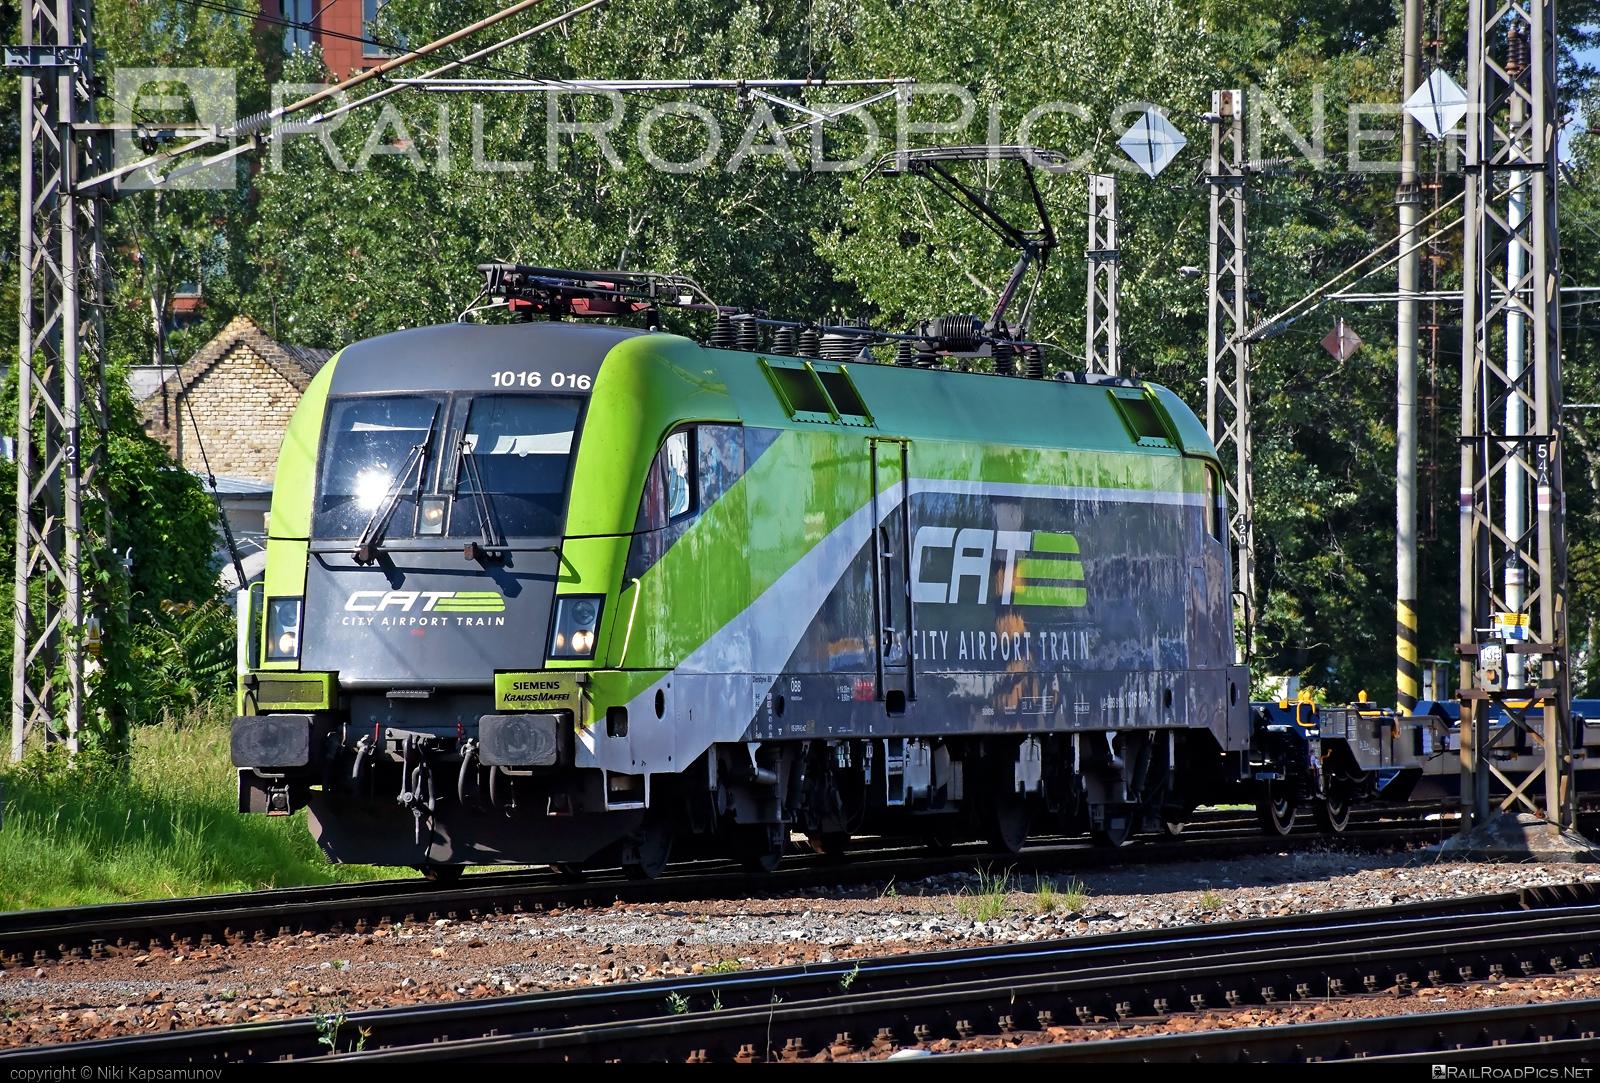 Siemens ES 64 U2 - 1016 016 operated by Rail Cargo Austria AG #cat #es64 #es64u #es64u2 #eurosprinter #obb #osterreichischebundesbahnen #rcw #siemens #siemenses64 #siemenses64u #siemenses64u2 #siemenstaurus #taurus #tauruslocomotive